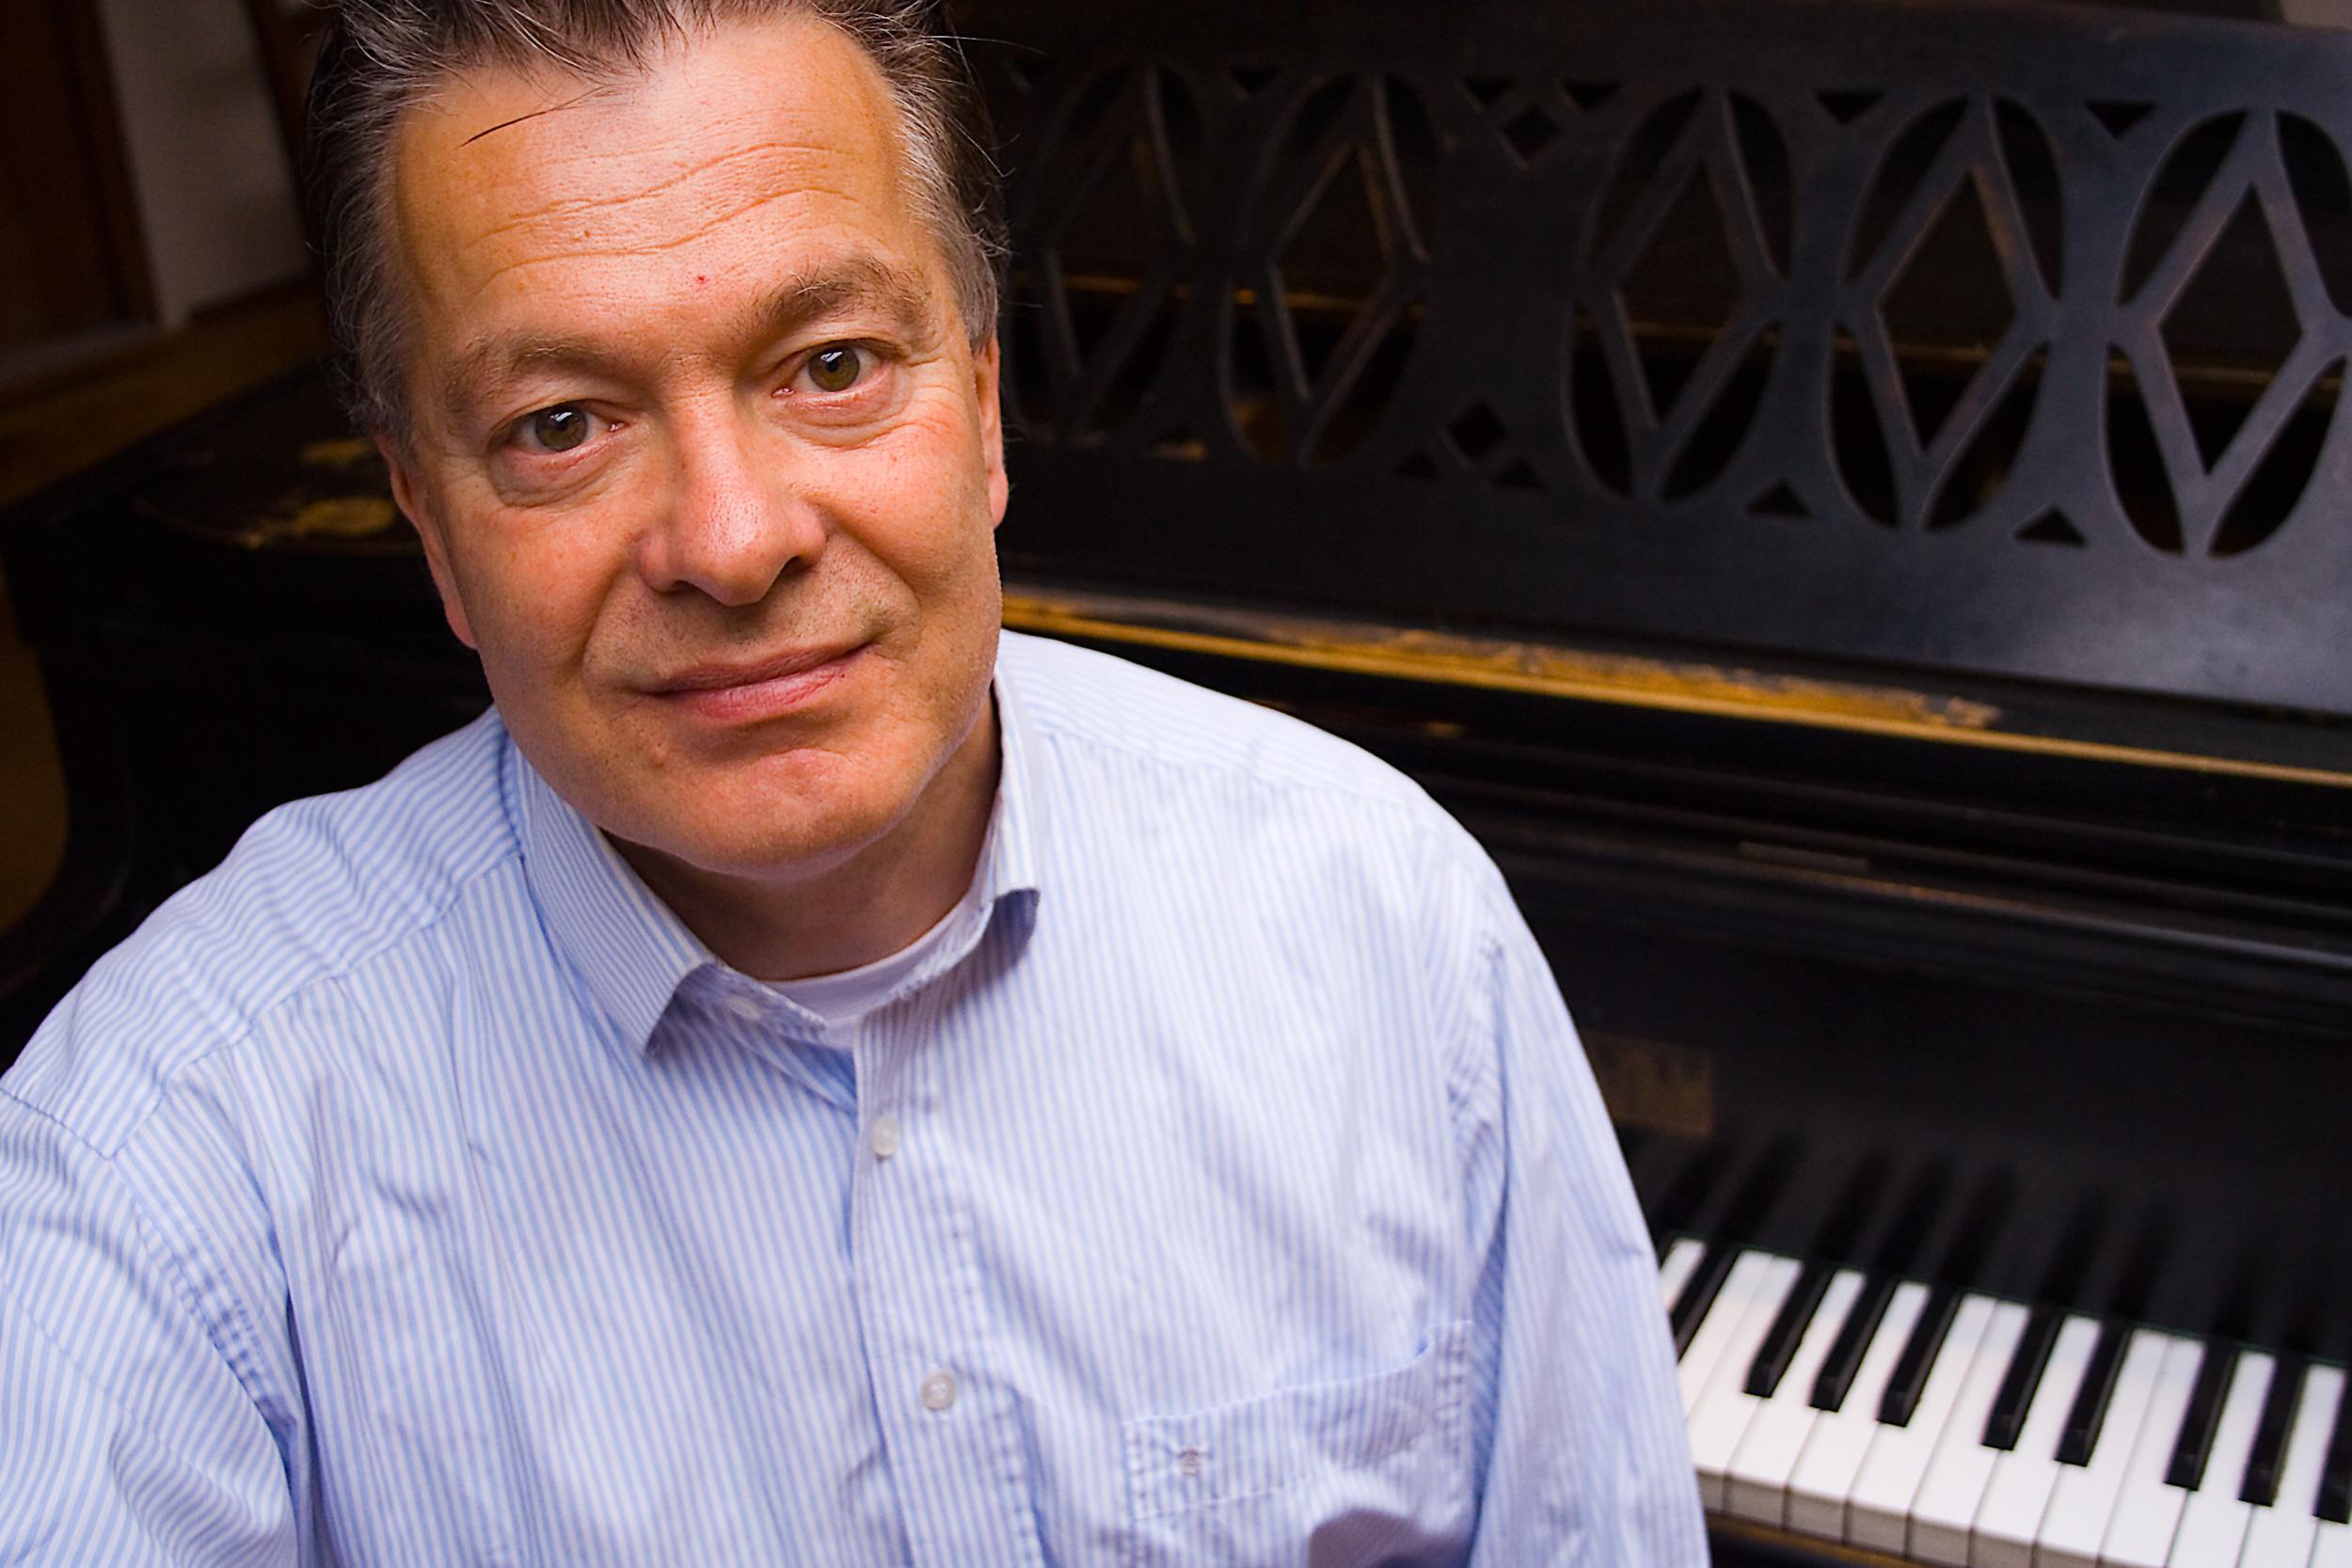 Jaap Dieleman